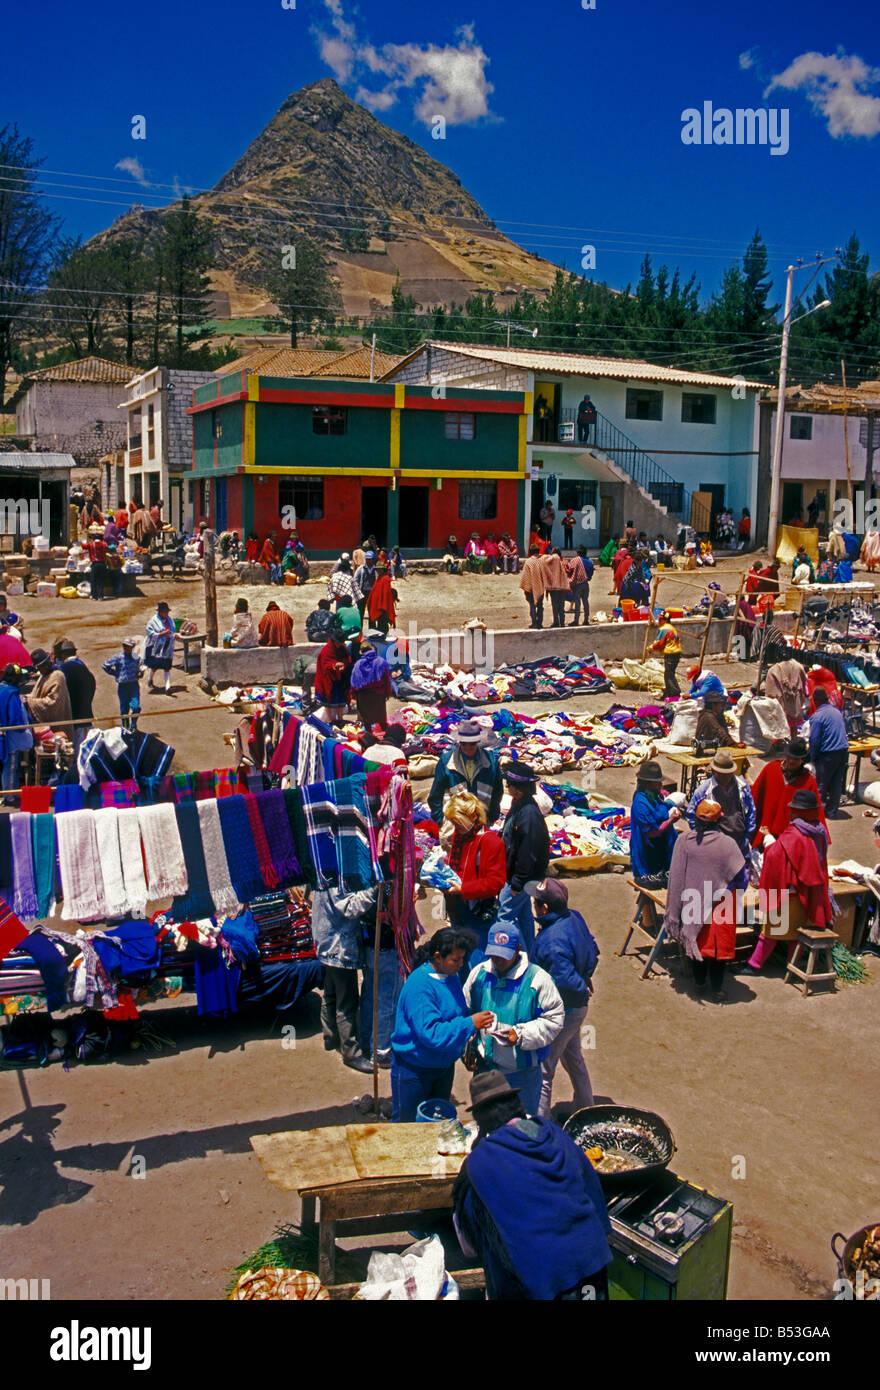 Ecuadorianer Person neue und gebrauchte Kleidung Lieferanten am Markttag Zumbahua Cotopaxi Provinz Ecuador Südamerika Stockfoto